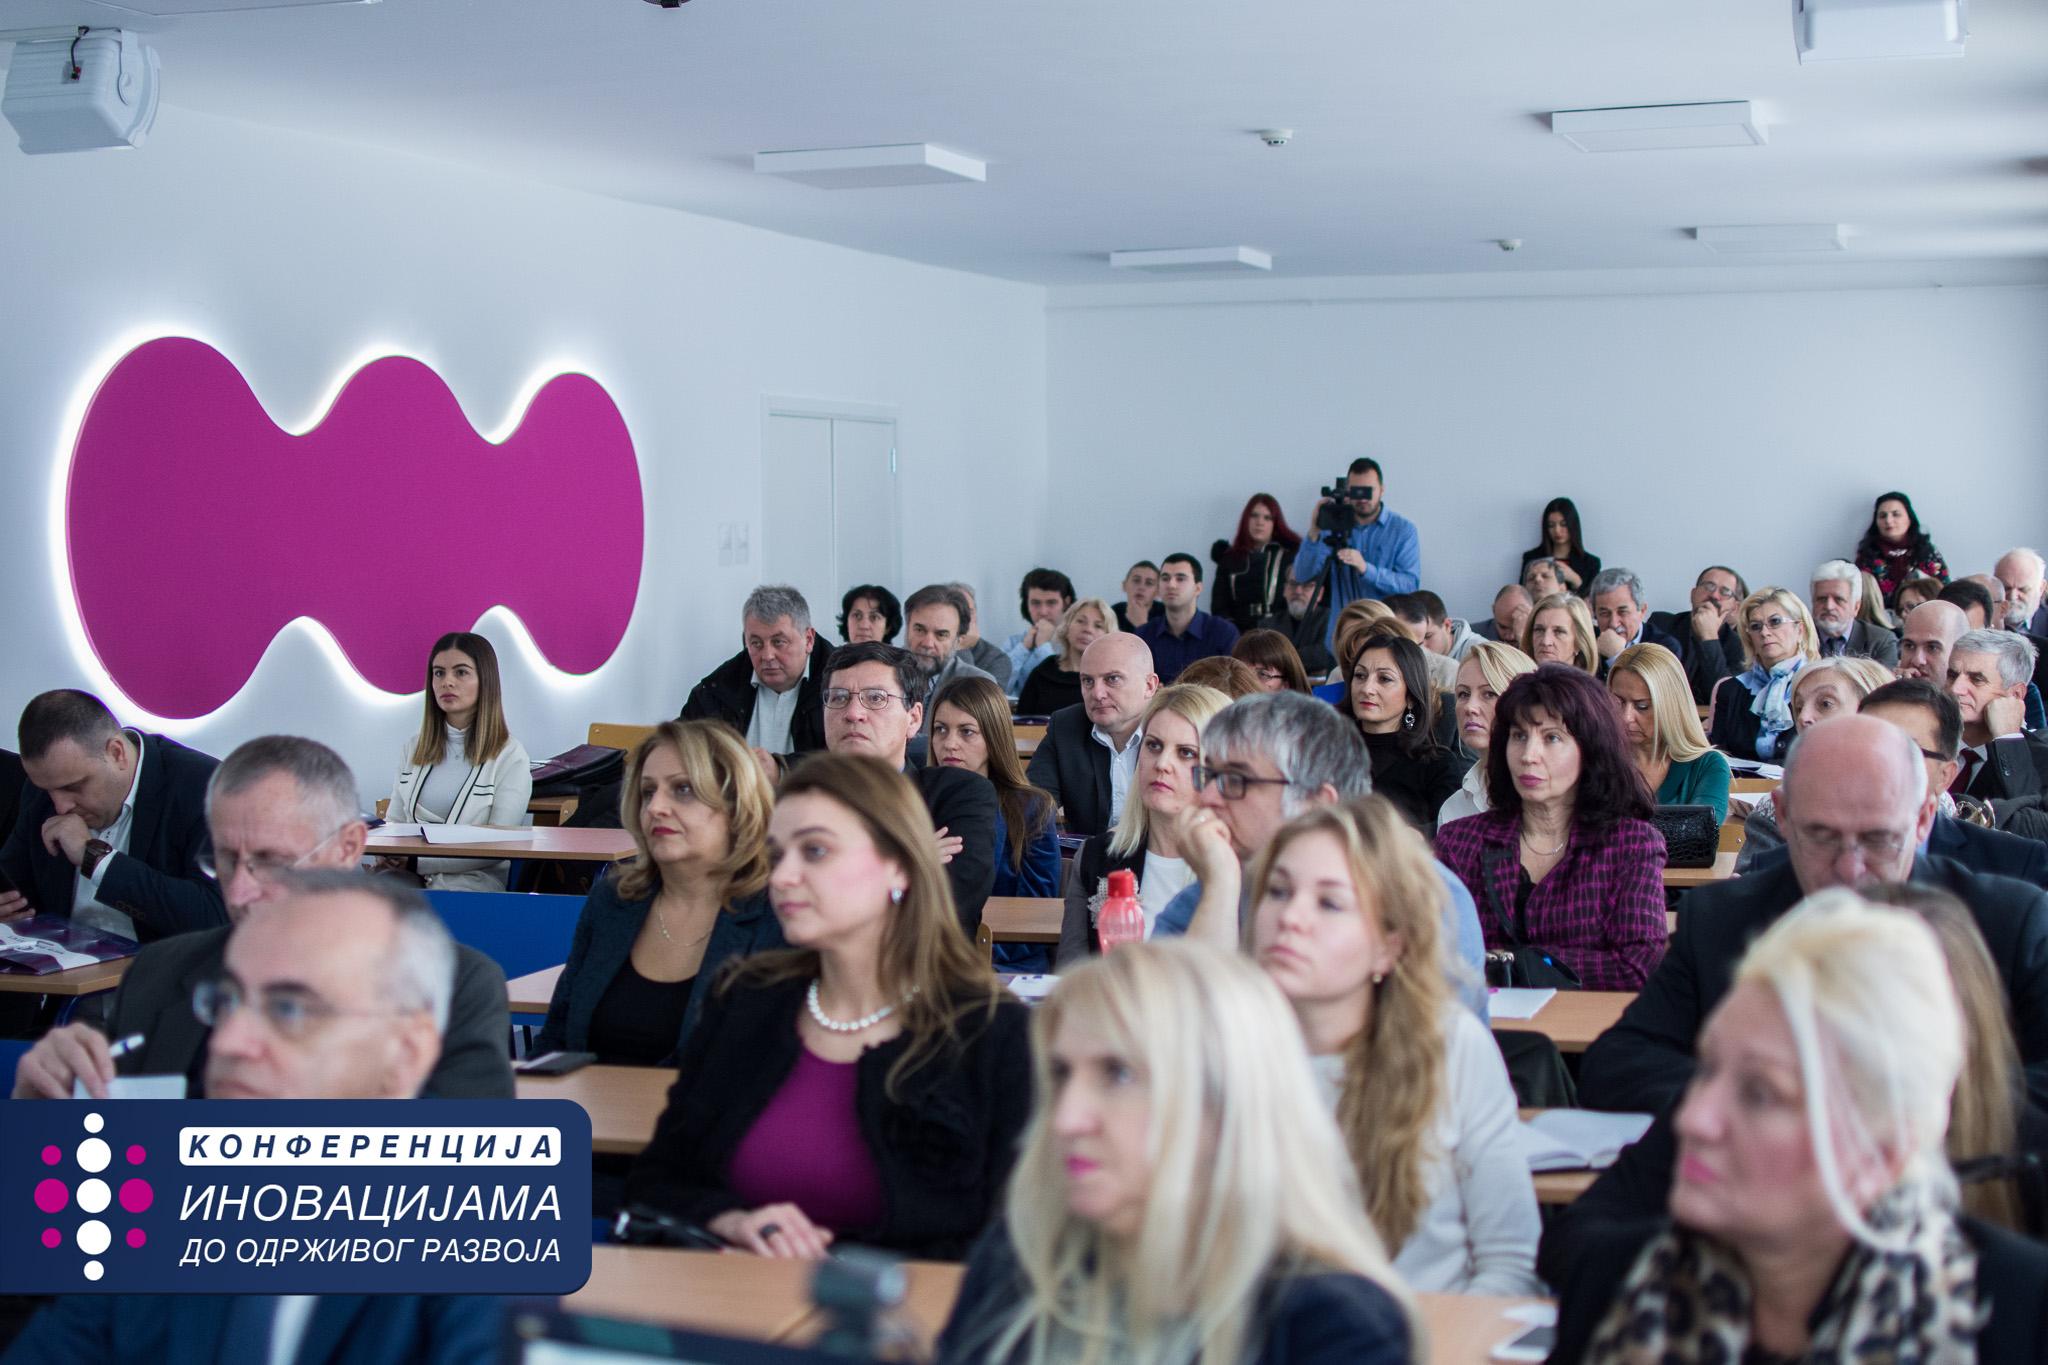 MEF Fakultet - izvestaj sa konferencije 26